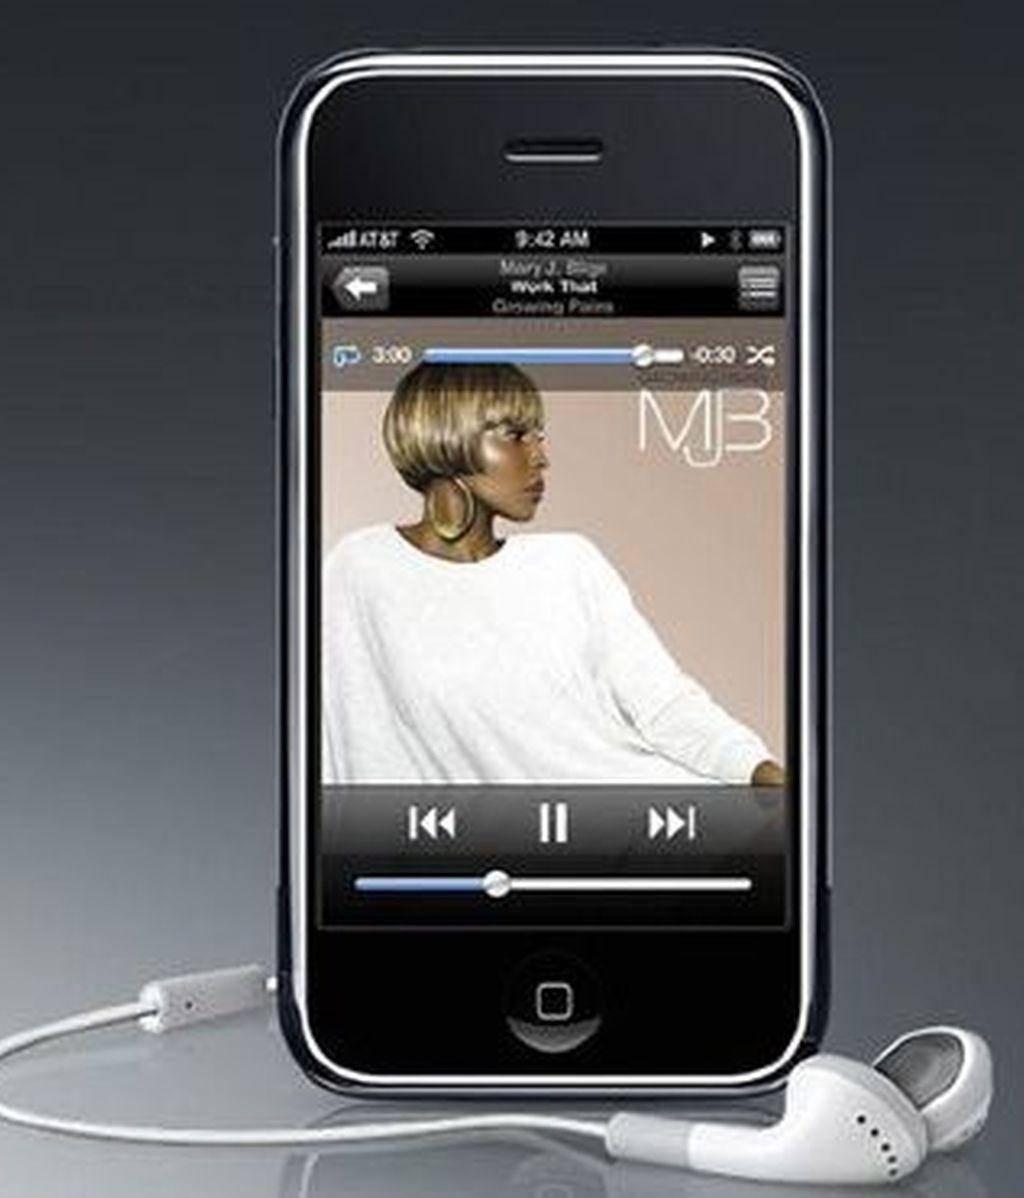 El iPhone y todos los teléfonos inteligentes pueden ser modificados, personalizados y desbloqueados, según comunica La oficina de propiedad intelectual de EE.UU.